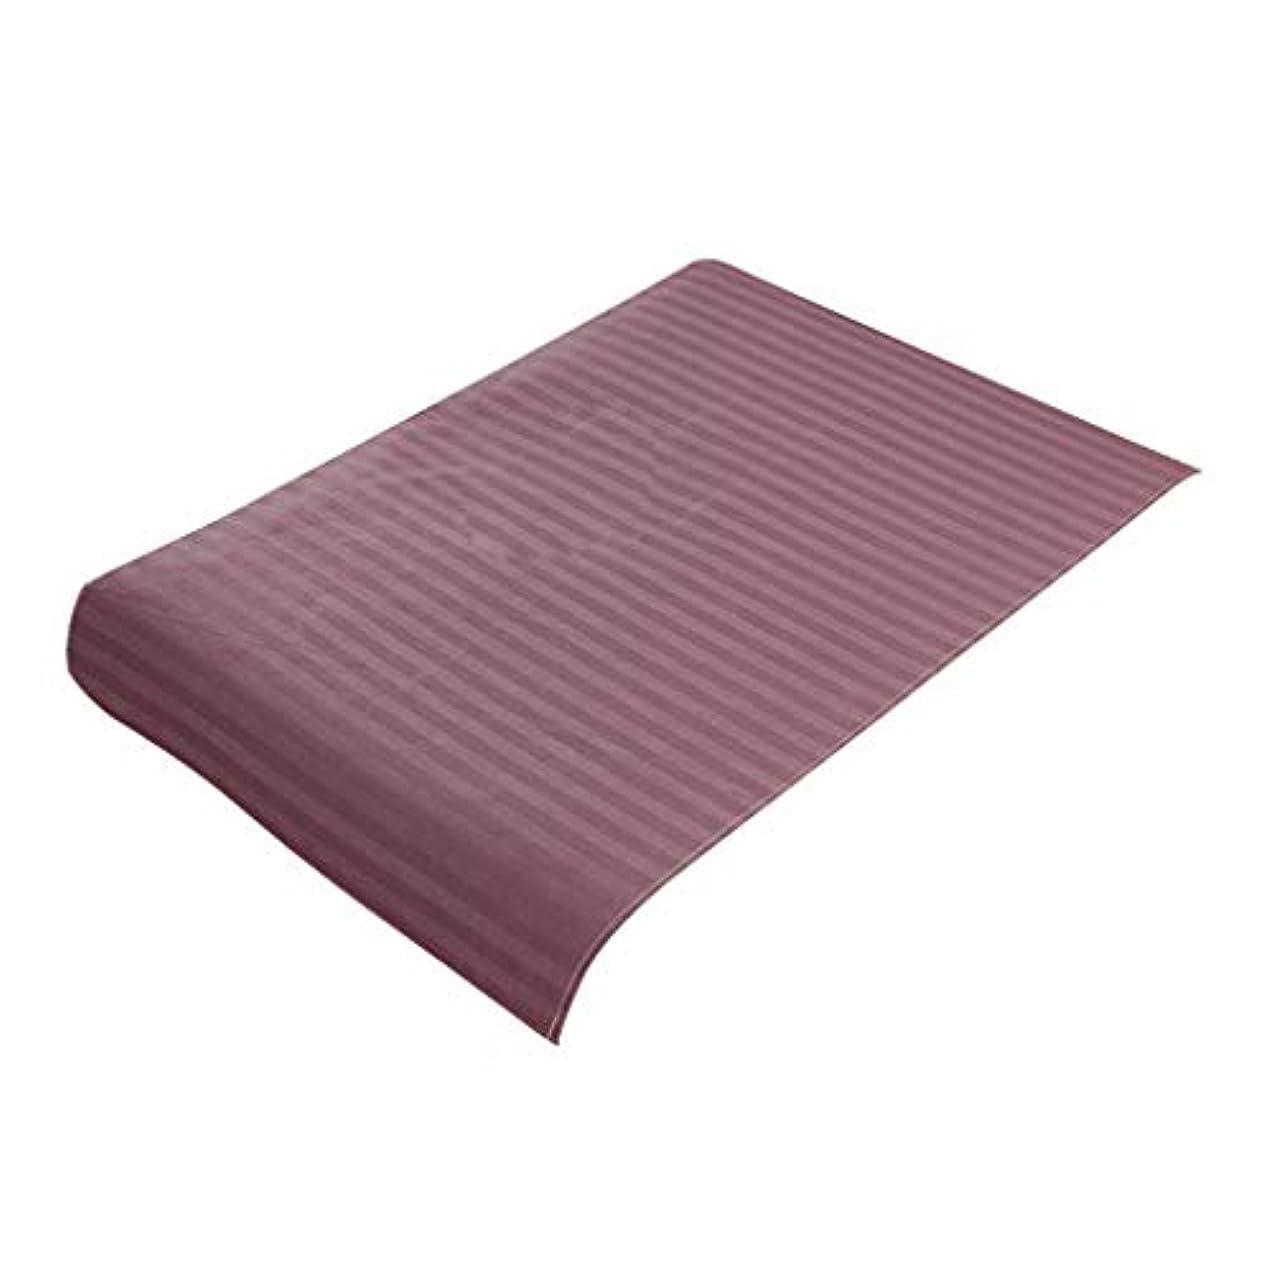 冗談でレビュー明るくするFLAMEER 美容ベッドカバー マッサージ台スカート コットン生地 スパ マッサージベッドカバー 全7色 - 紫